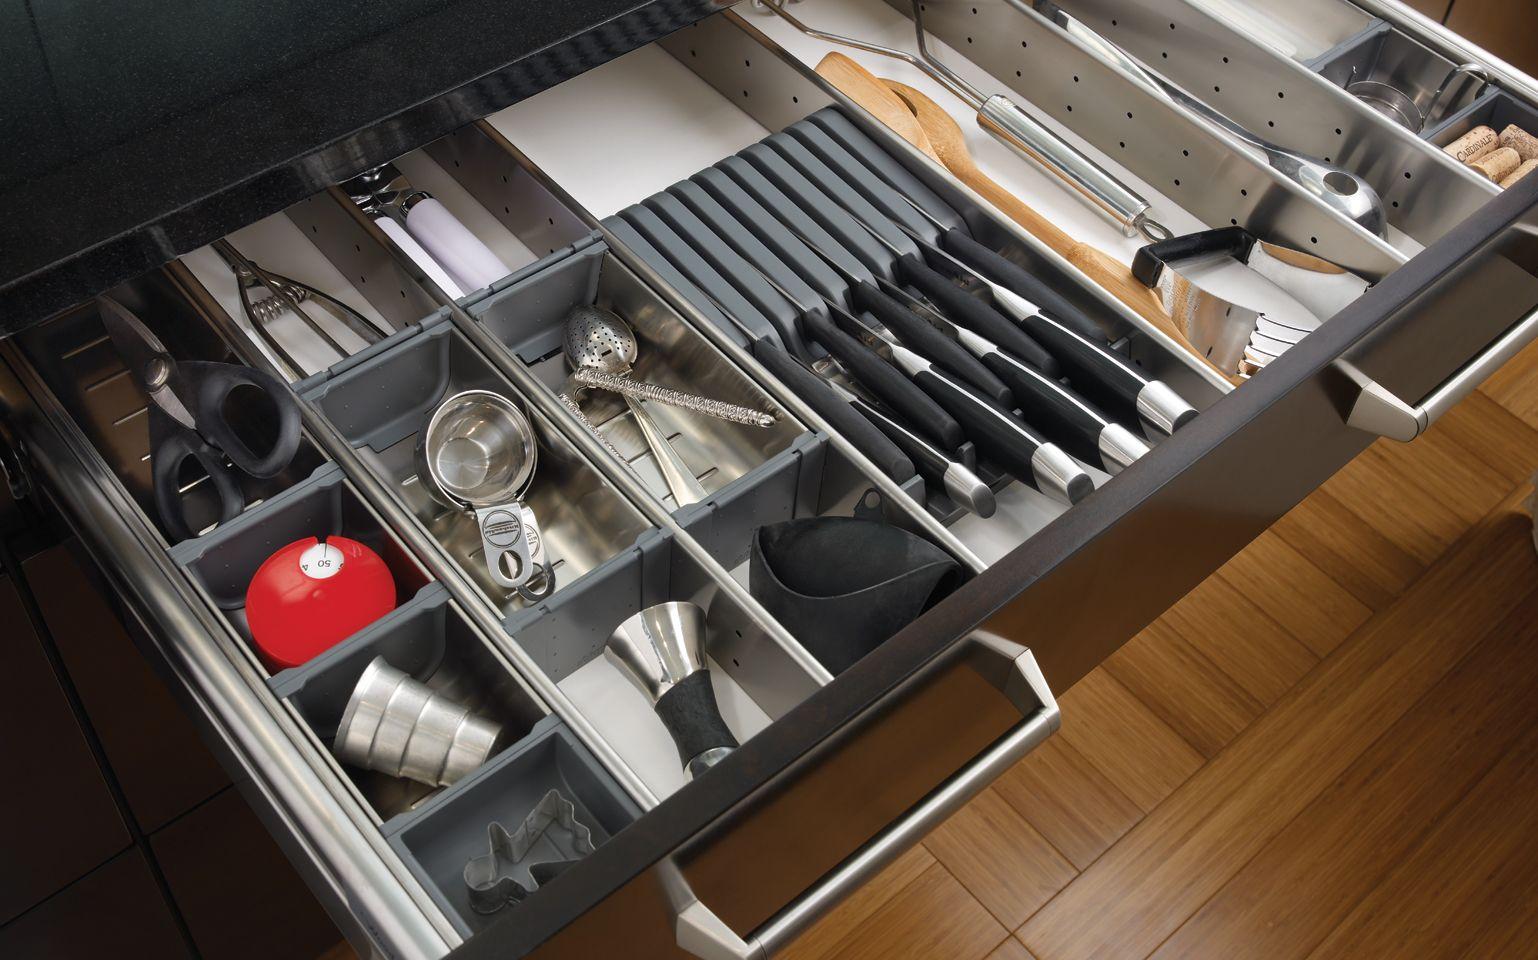 Kitchen Drawers Organizers Kitchen Drawer Organizers Target  Home Organization  Pinterest